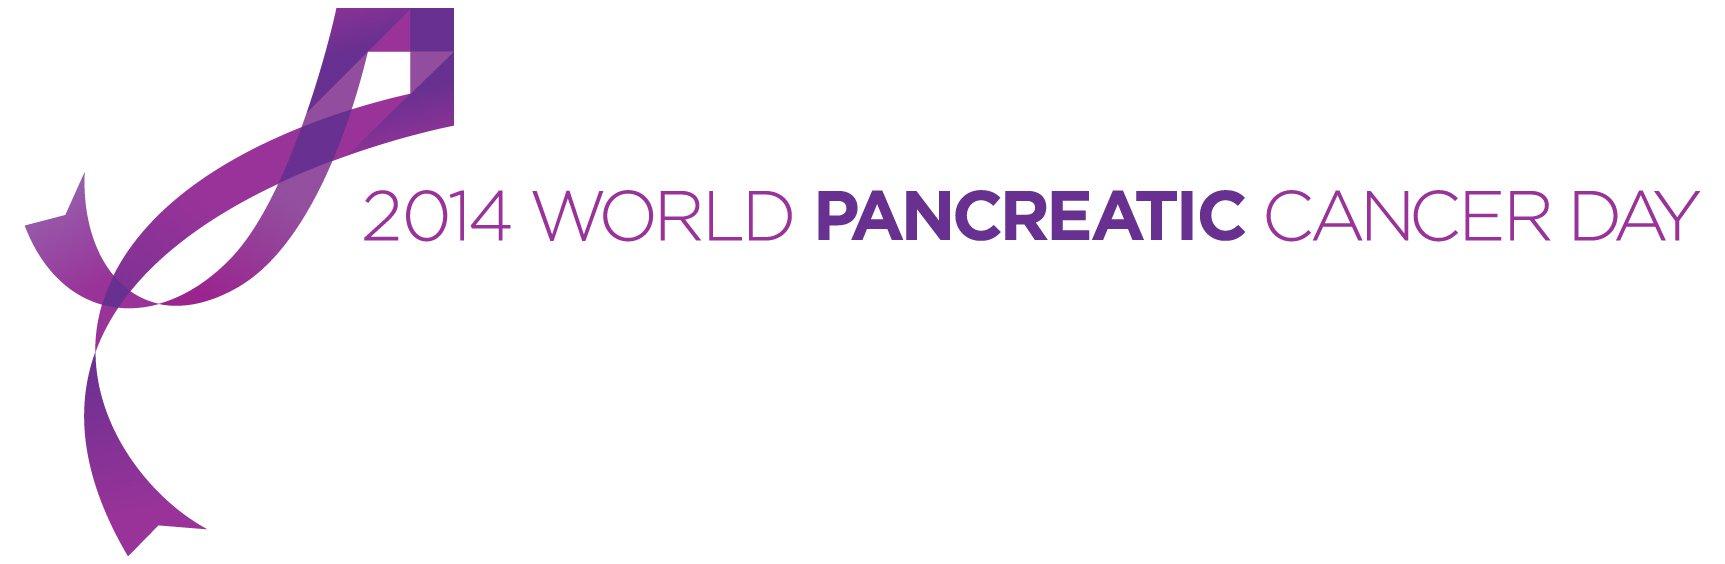 World Pancreatic Cancer Day 2014